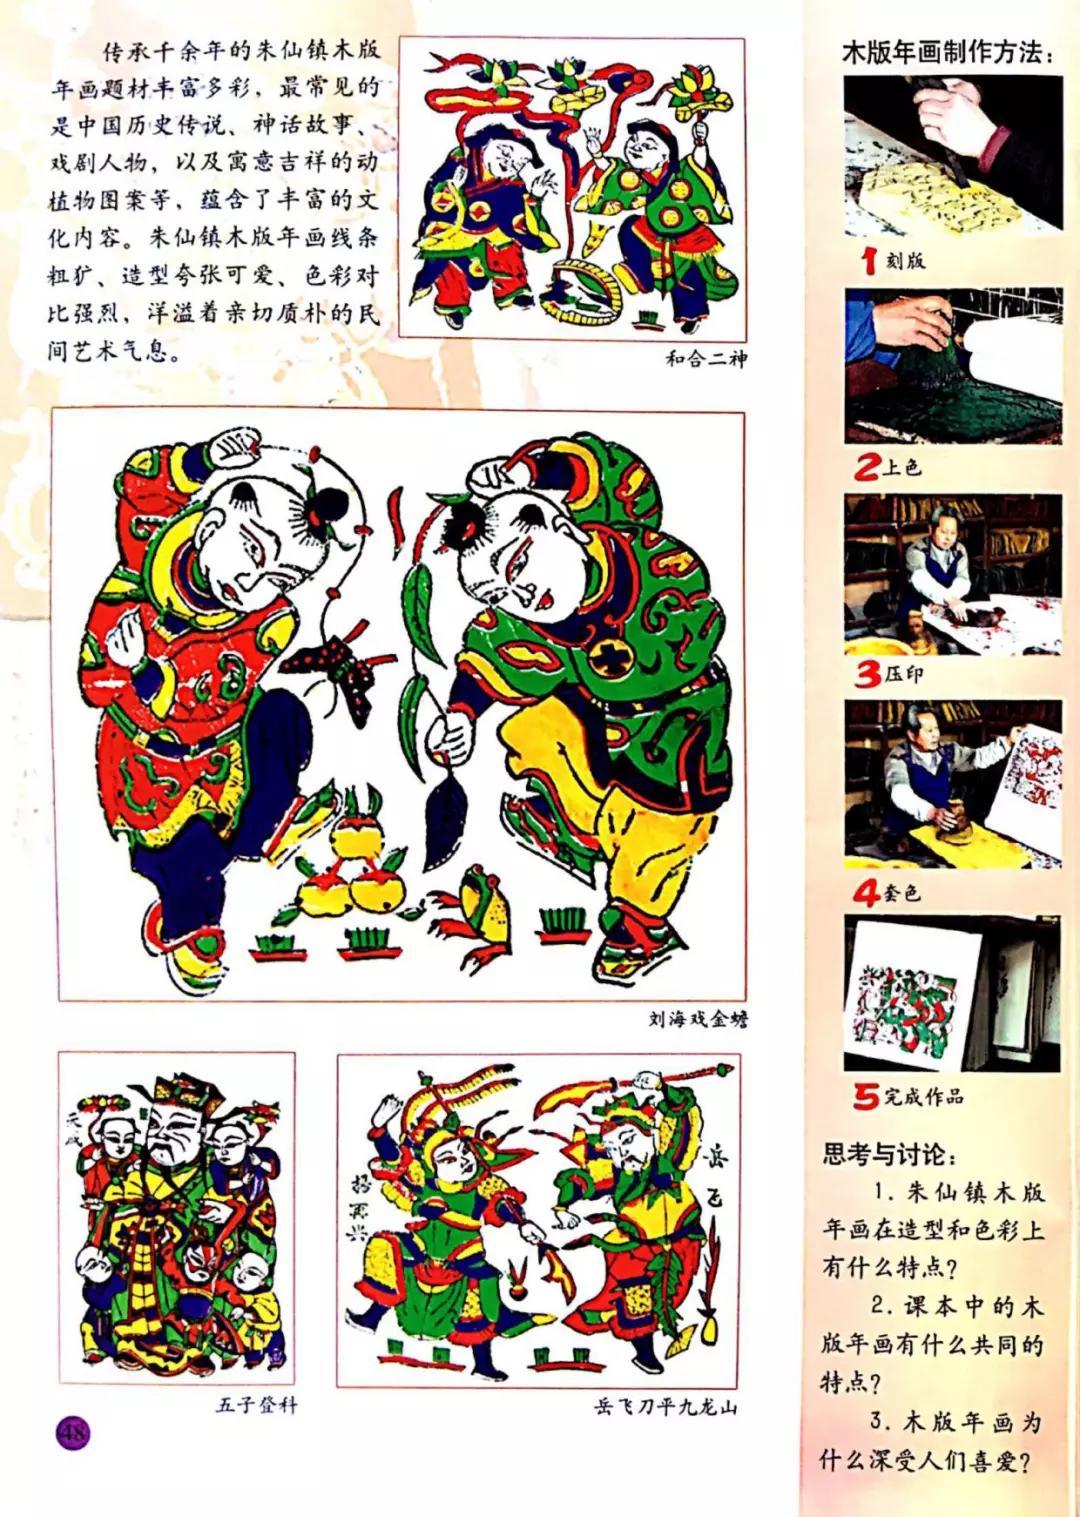 人美版二年级上册美术教案 3 捏泥巴9.doc -max上传文档投稿...